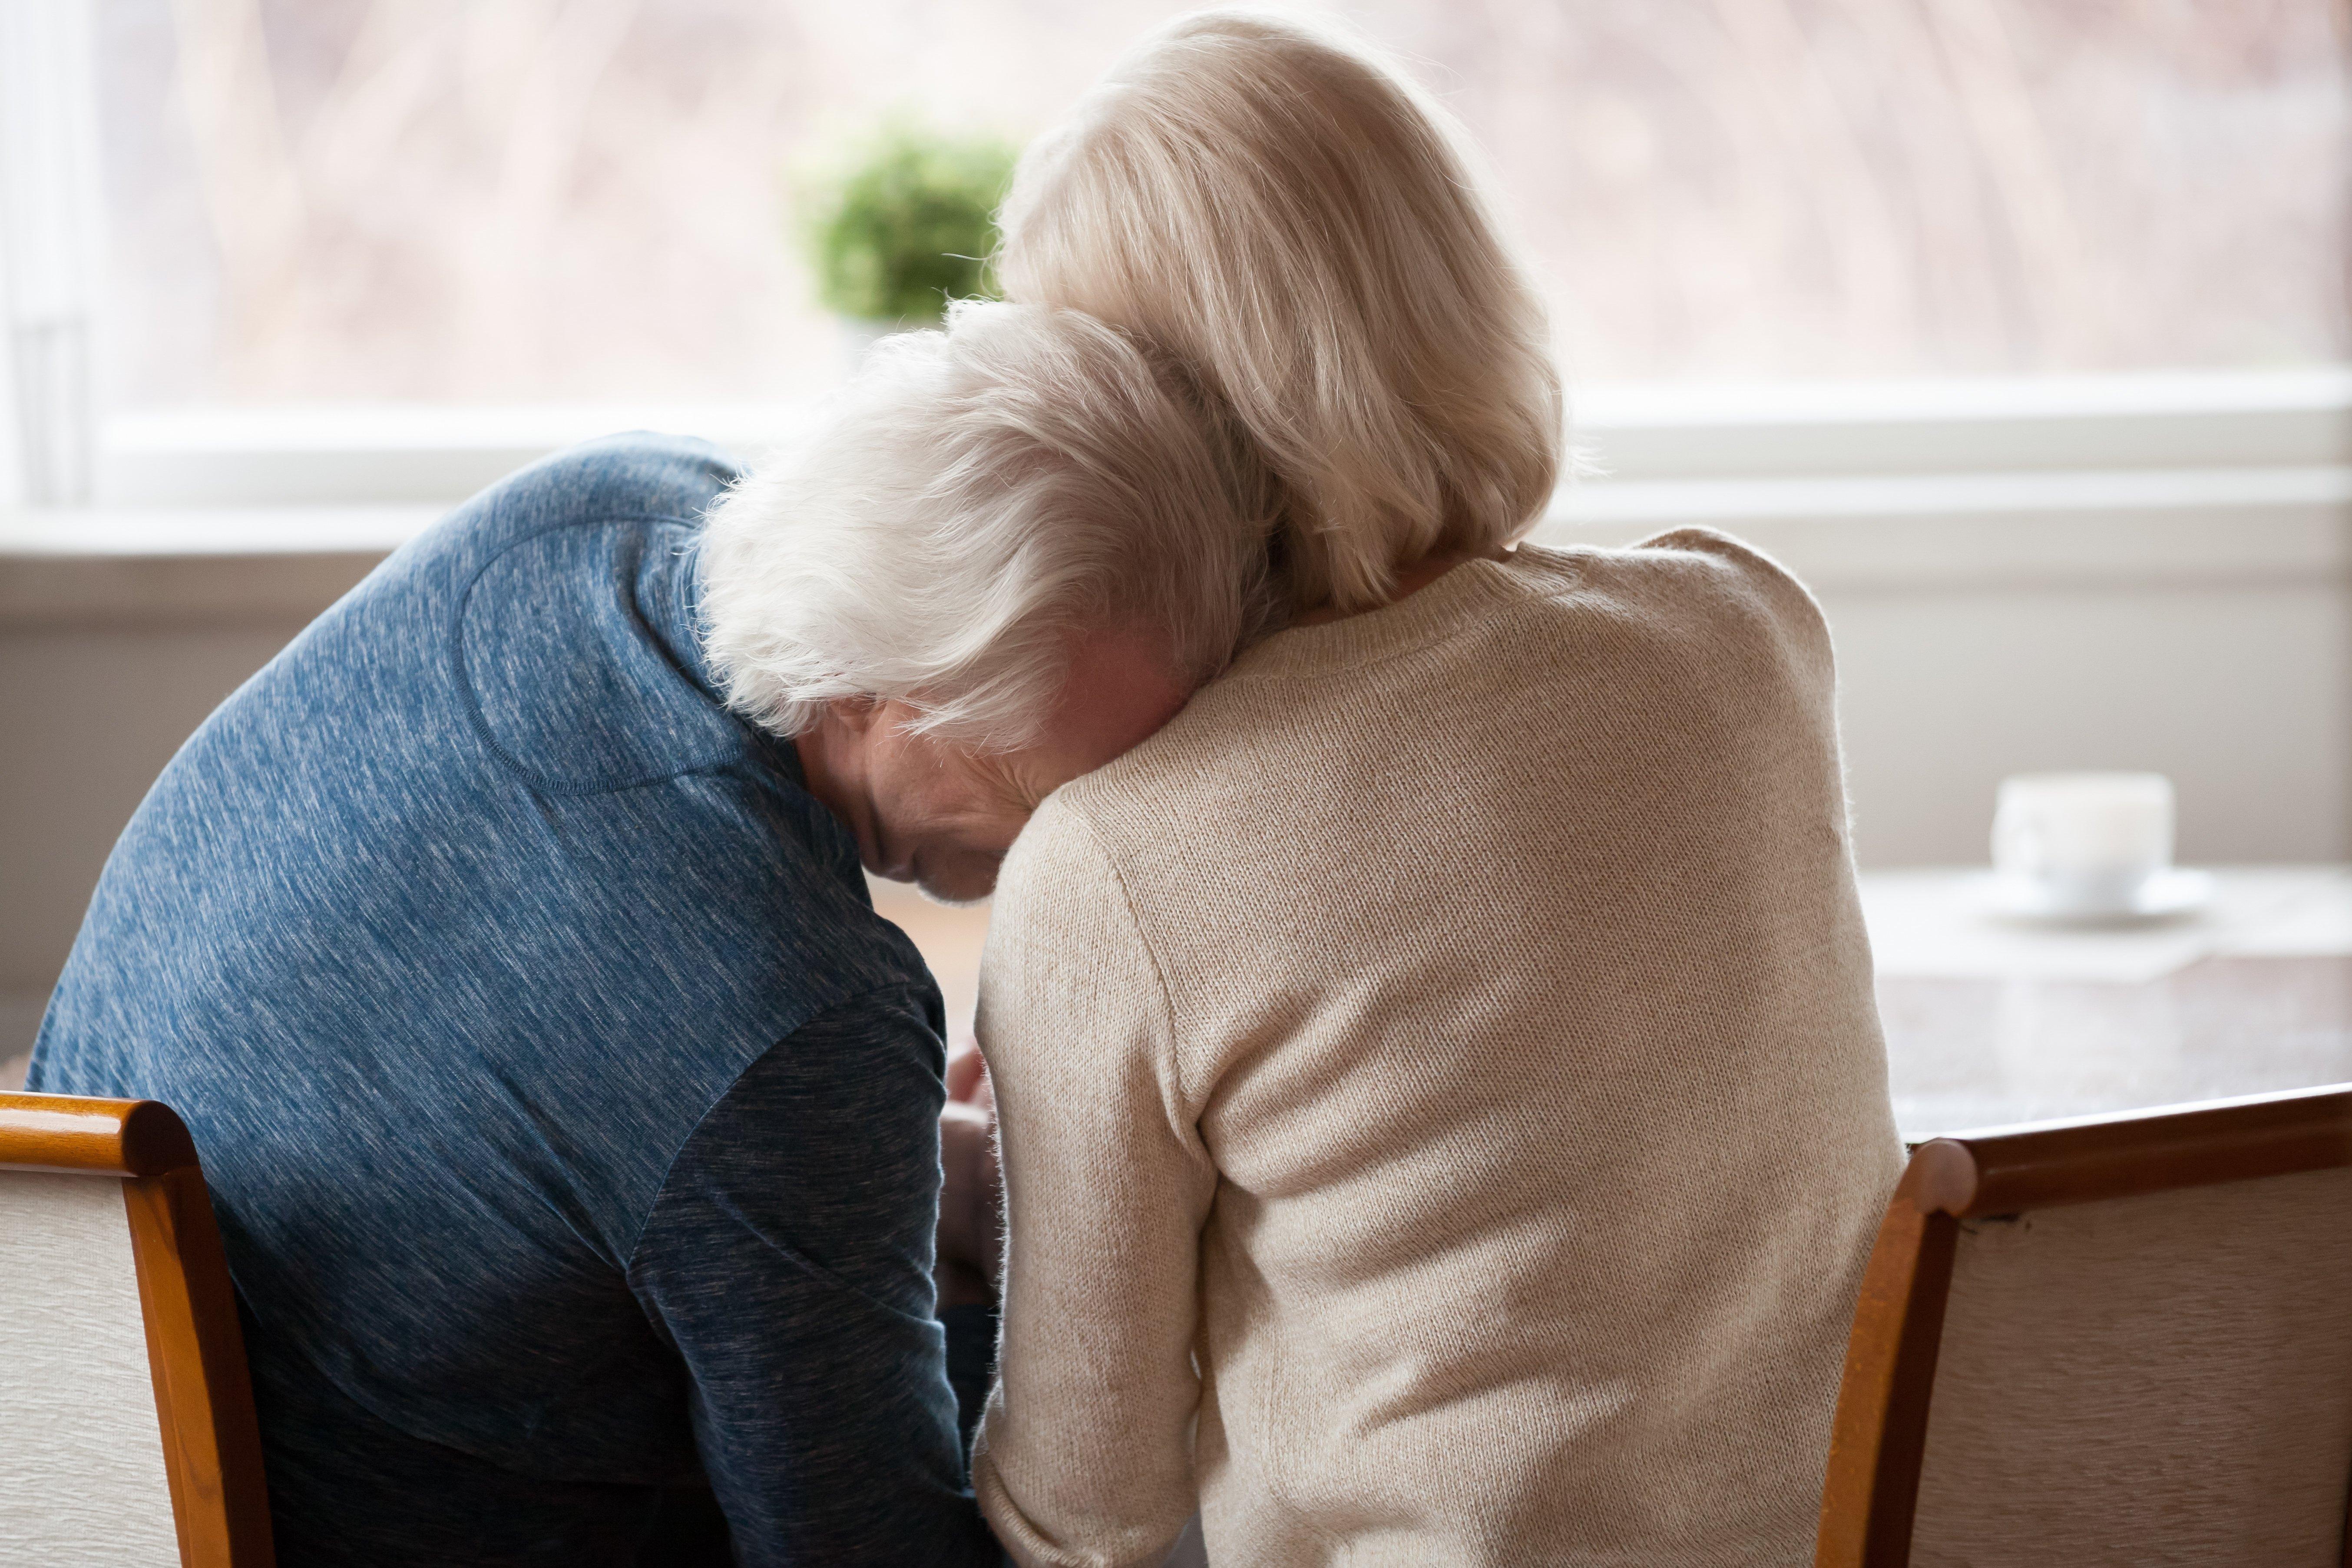 Ancianos de espalda. Fuente: Shutterstock